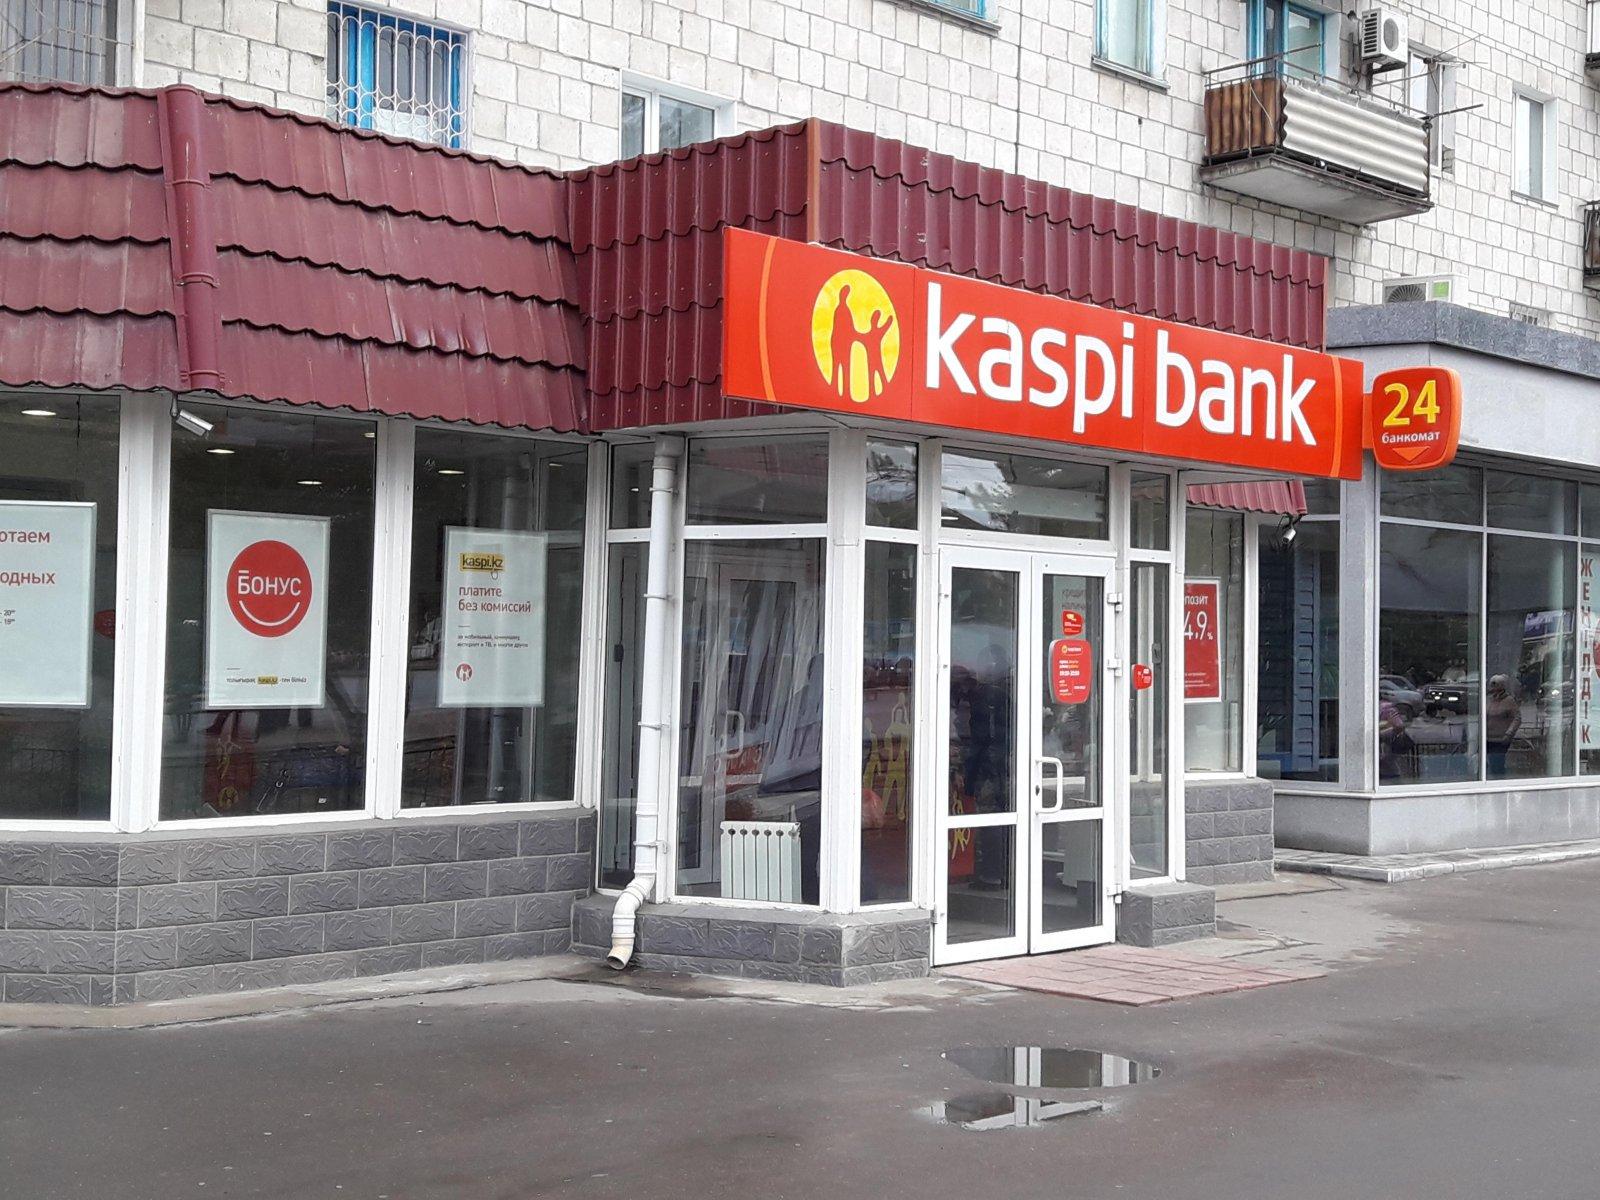 Астанчанин, подозреваемый в распространении слухов о Kaspi Вank, задержан полицией